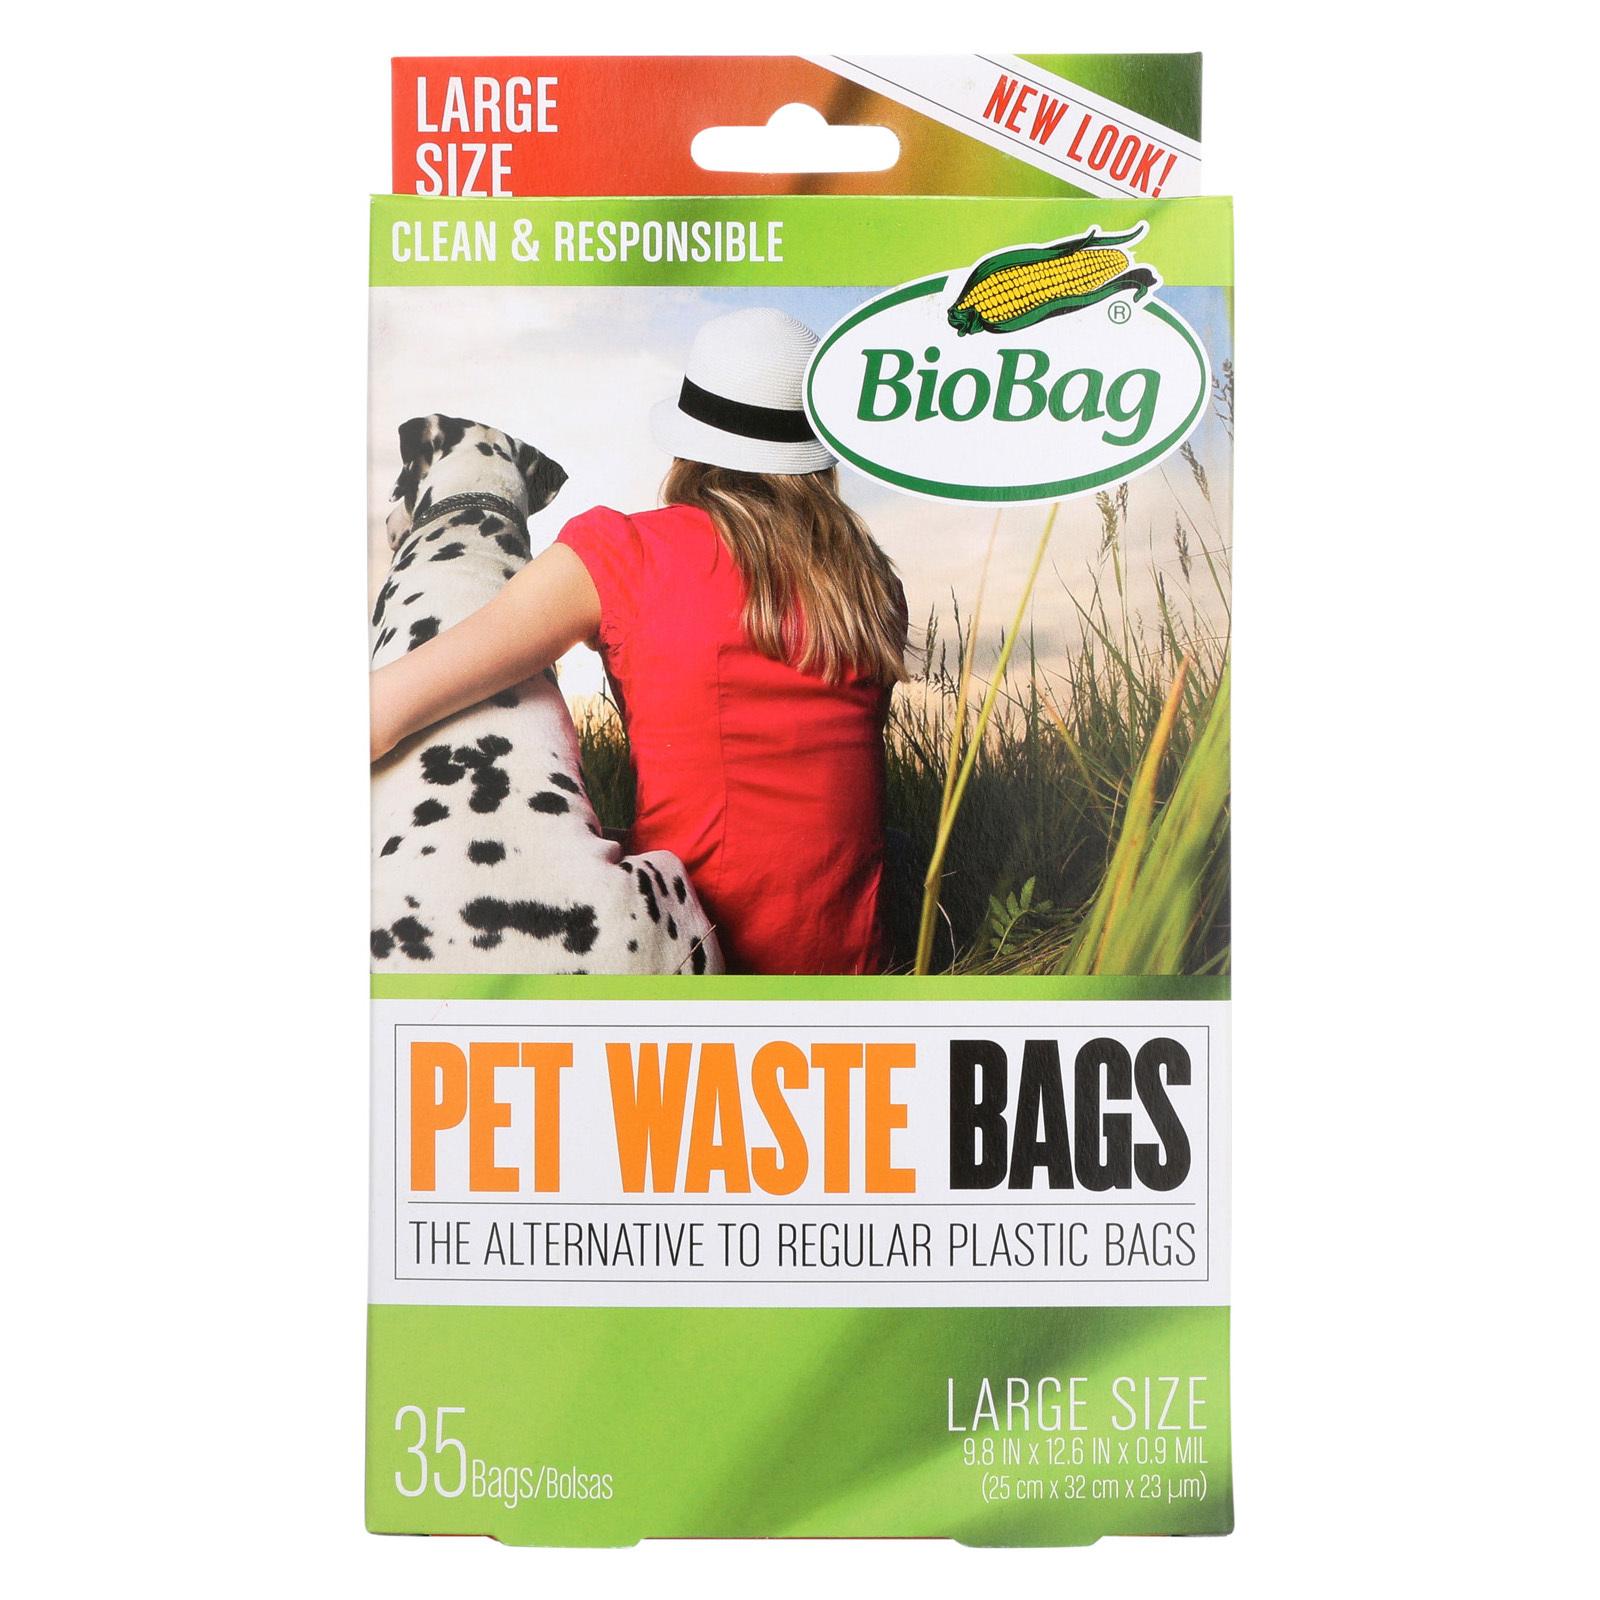 Biobag Dog Waste Bag - Case of 12 - 35 Count